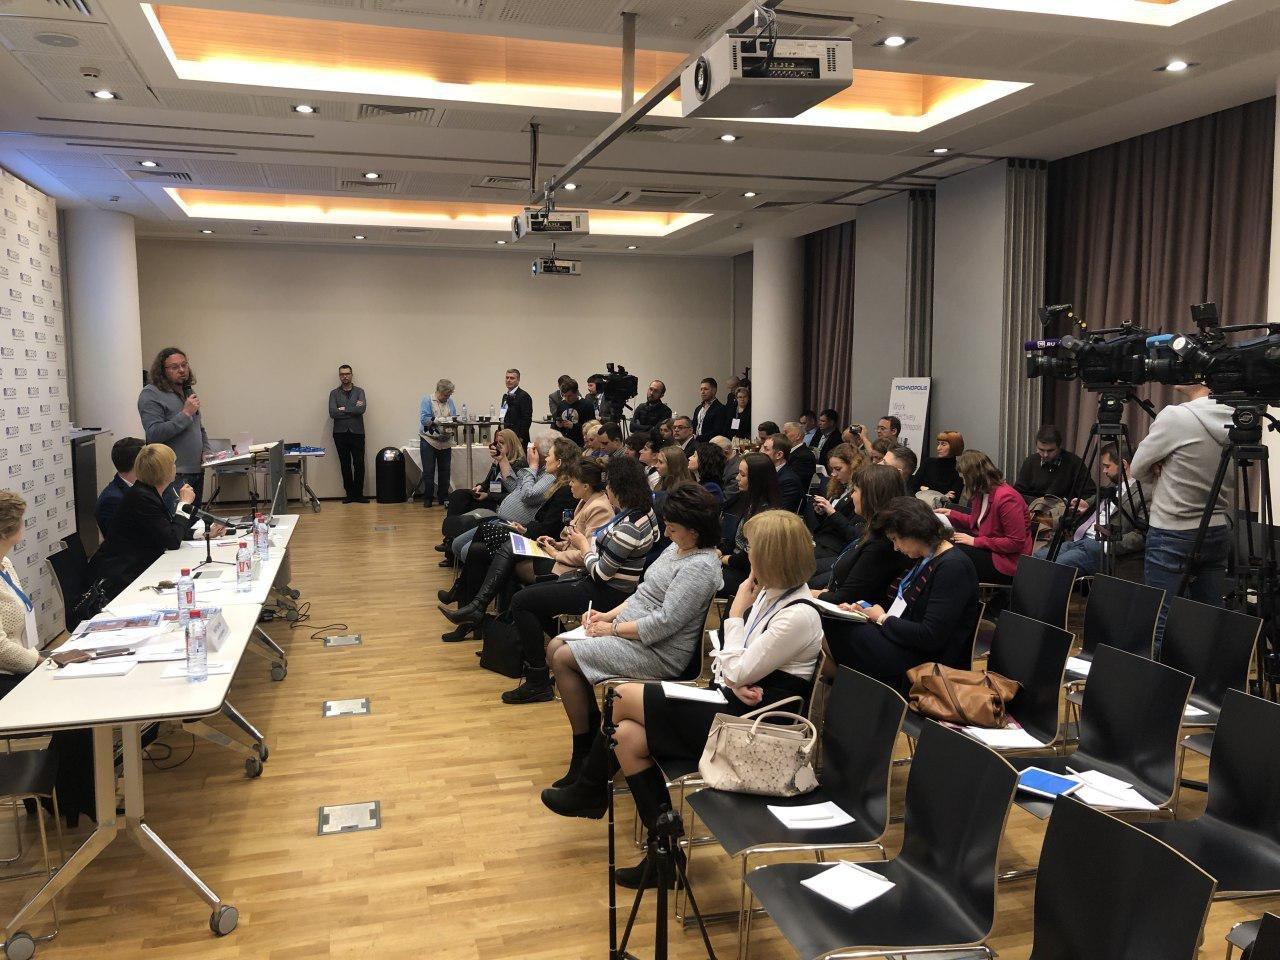 Жанна Мартынова на СЗЭФ-2018: «Единственный путь развития экономики - это экспорт»